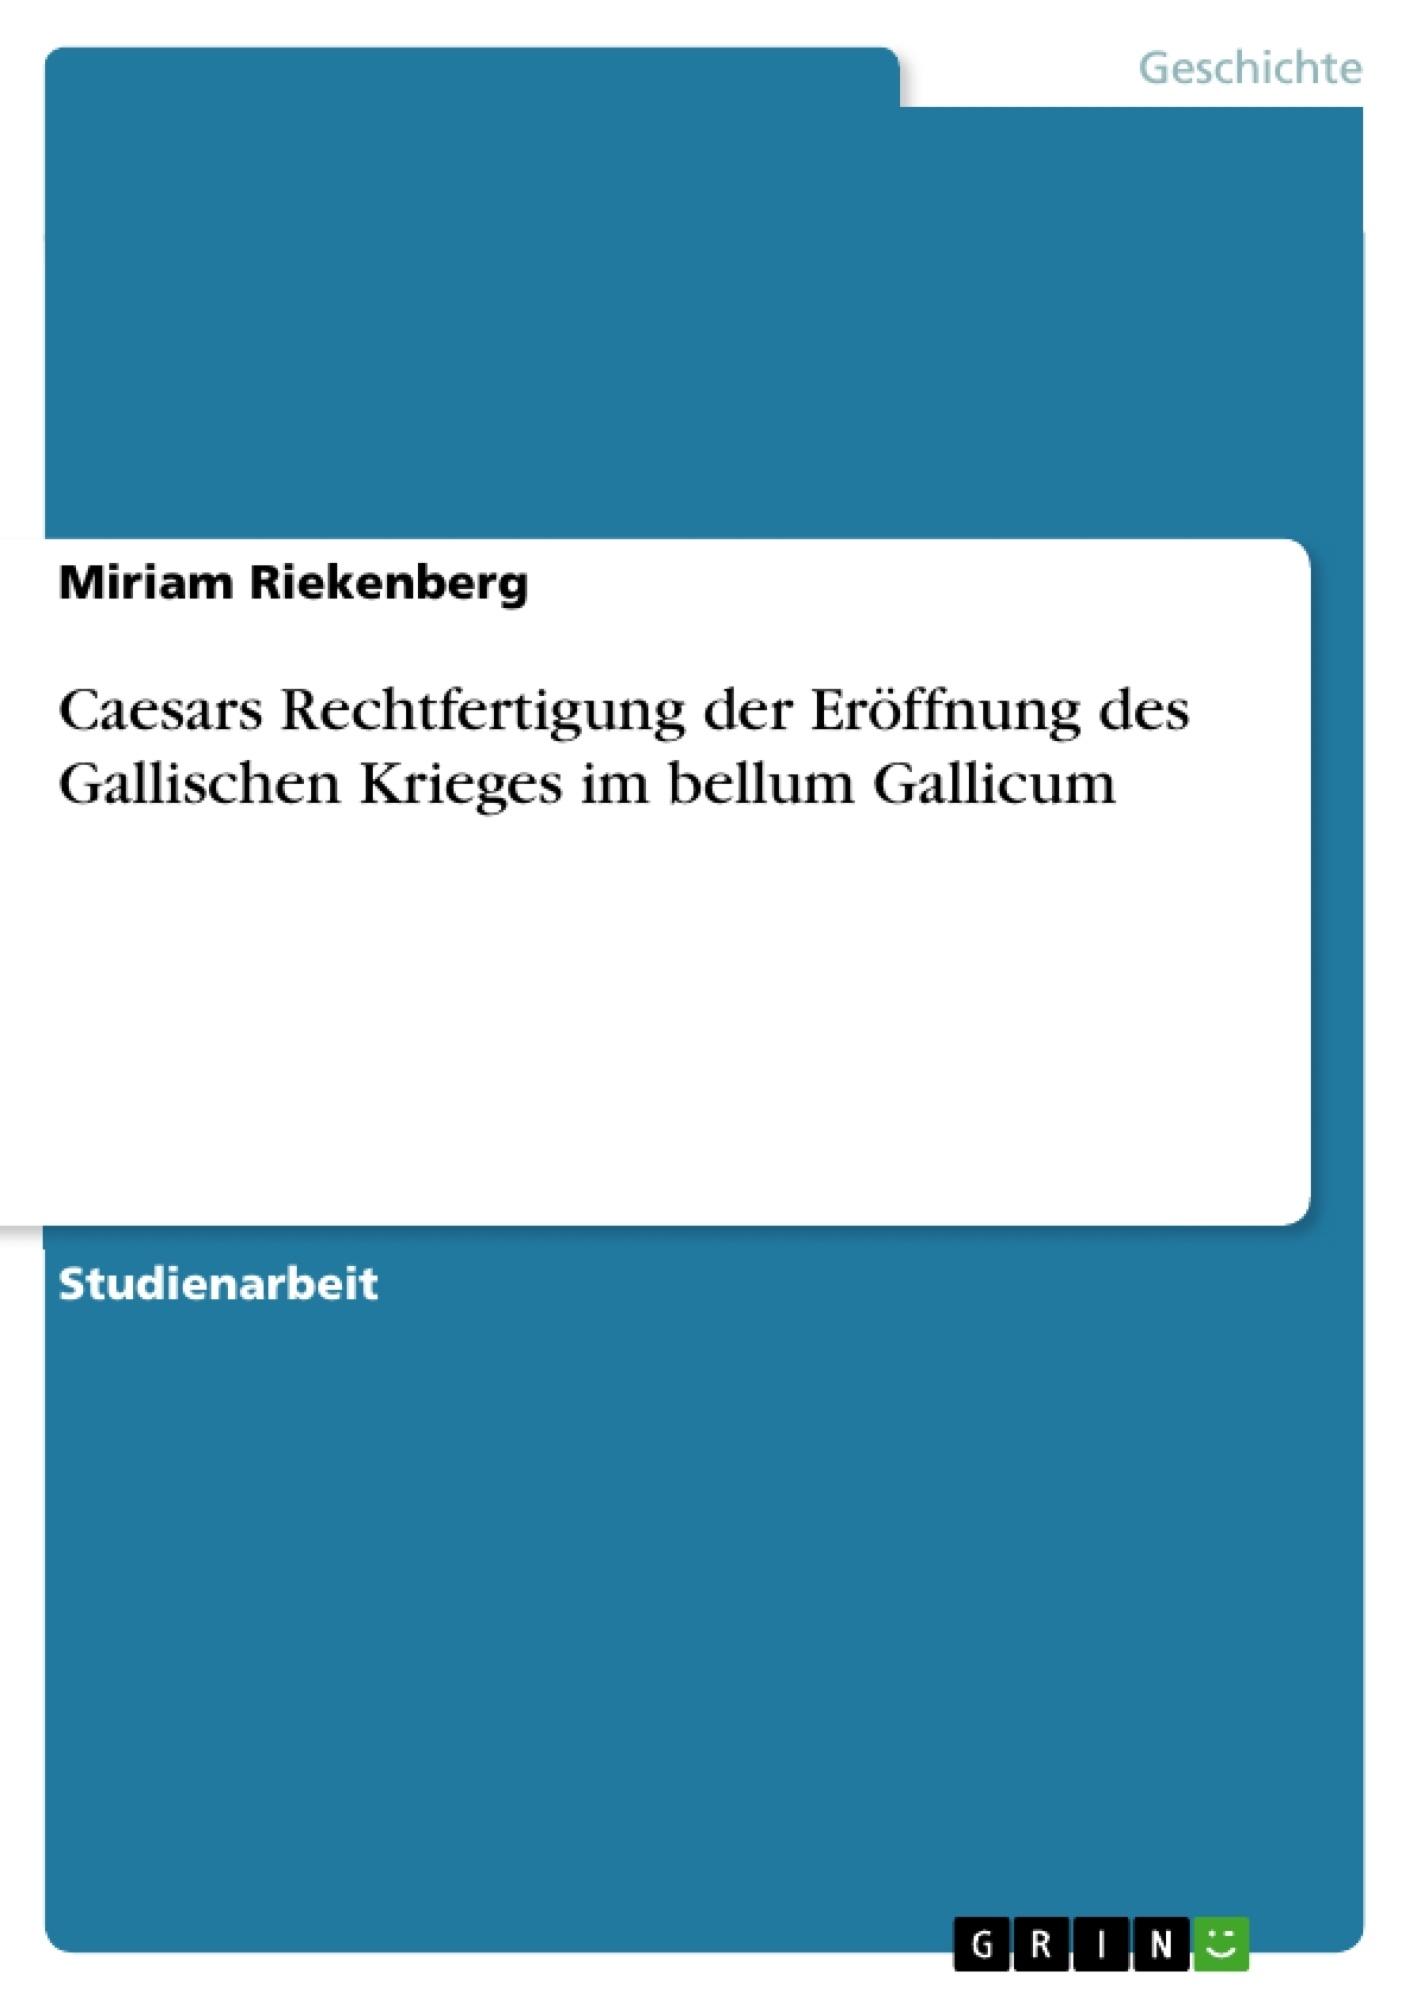 Titel: Caesars Rechtfertigung der Eröffnung des Gallischen Krieges im bellum Gallicum